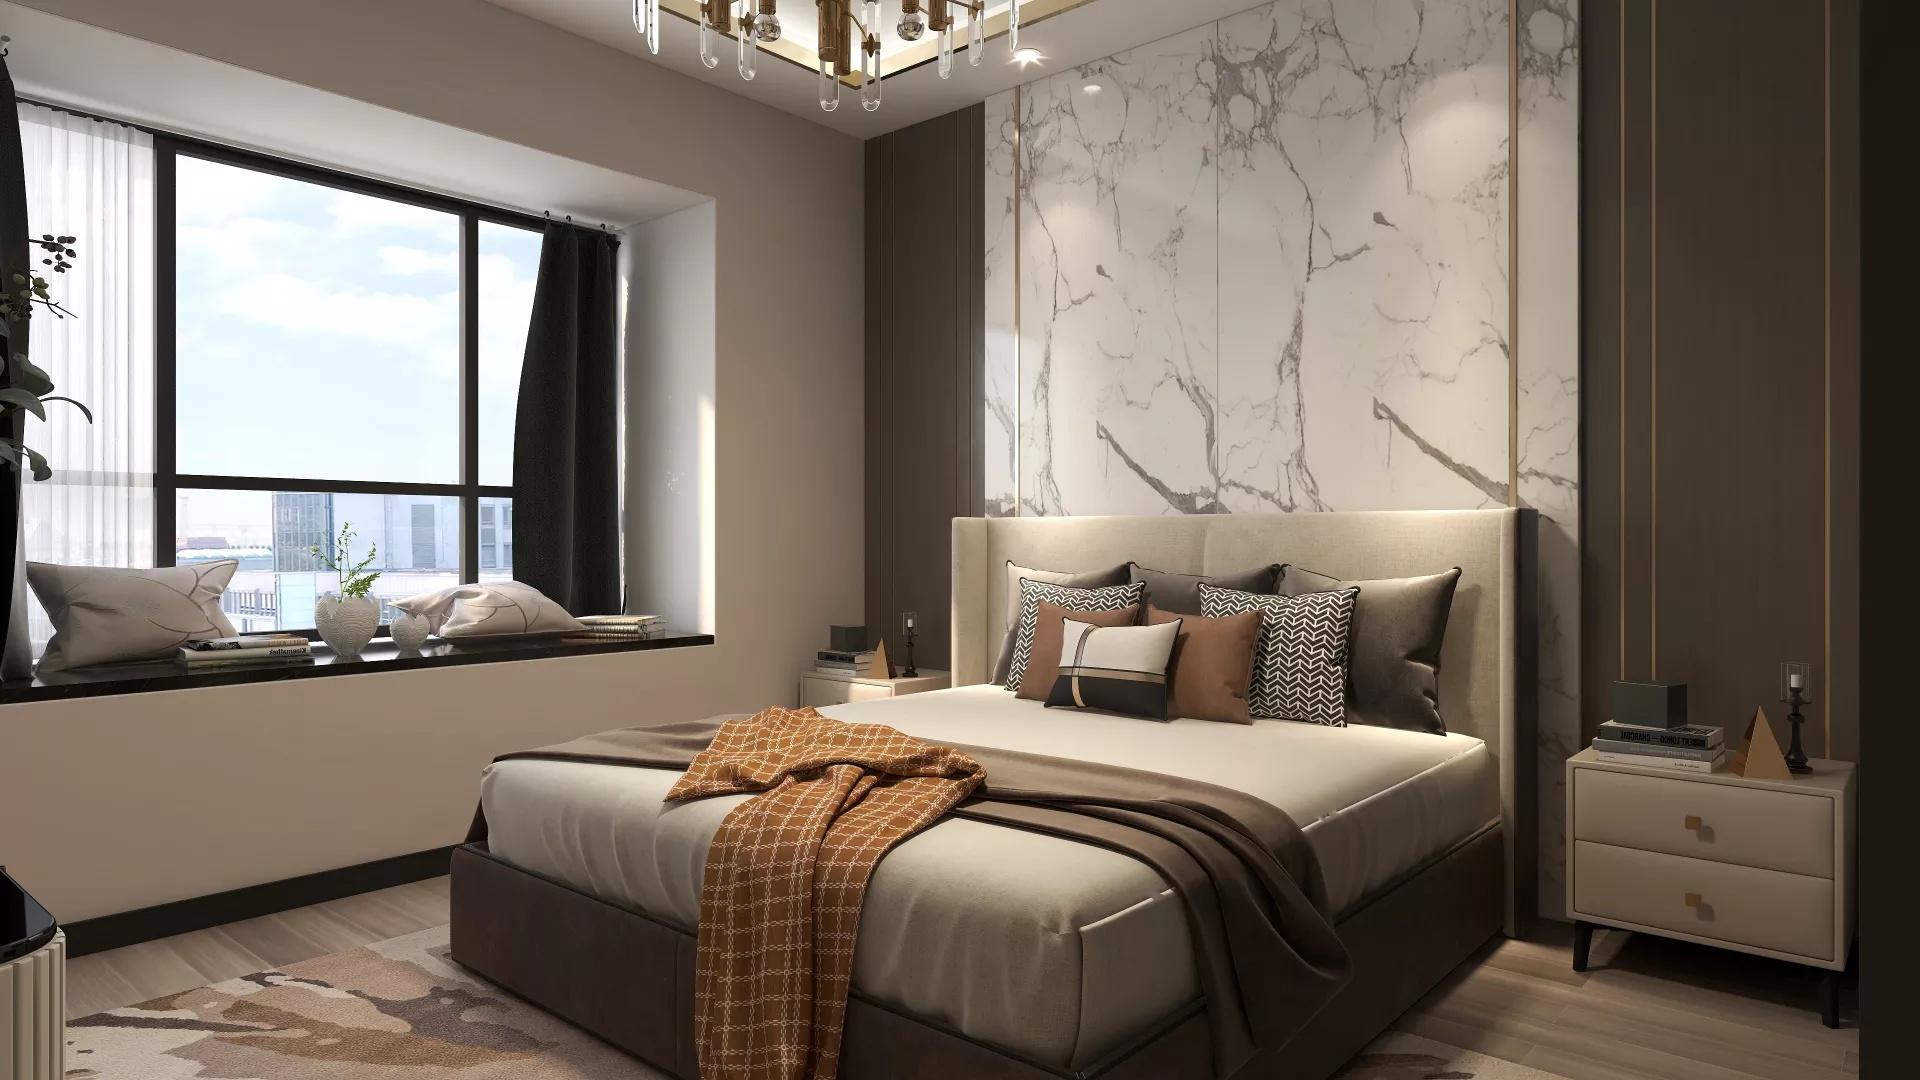 圆形走廊吊顶装修效果图 您会喜欢哪一款呢?